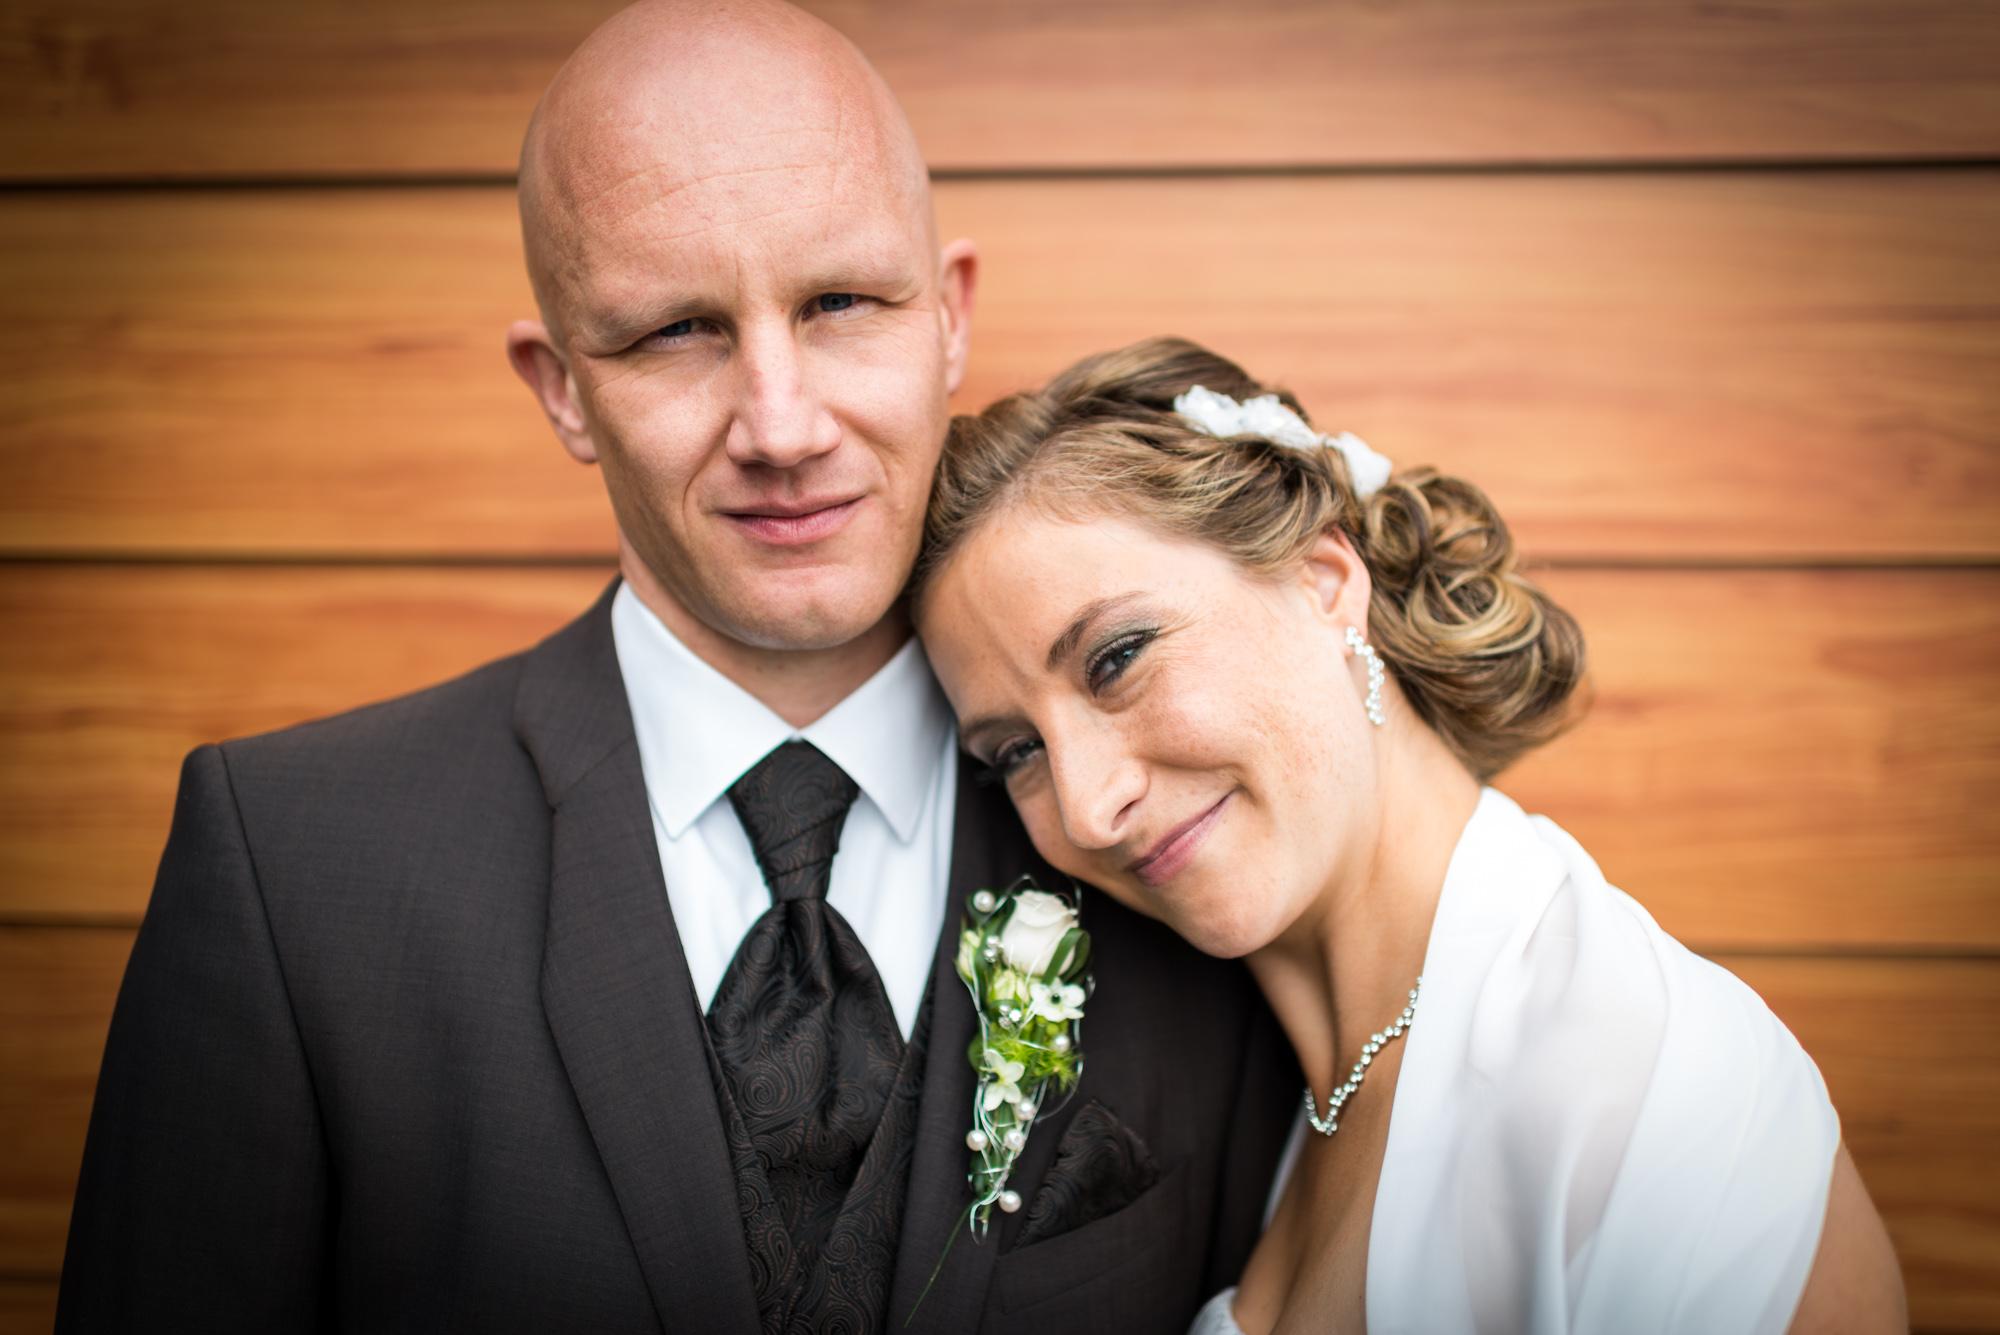 Fotograf Konstanz - Hochzeit Katja und Christian 50 - Als Hochzeitsfotograf in Bad Dürrheim unterwegs  - 12 -